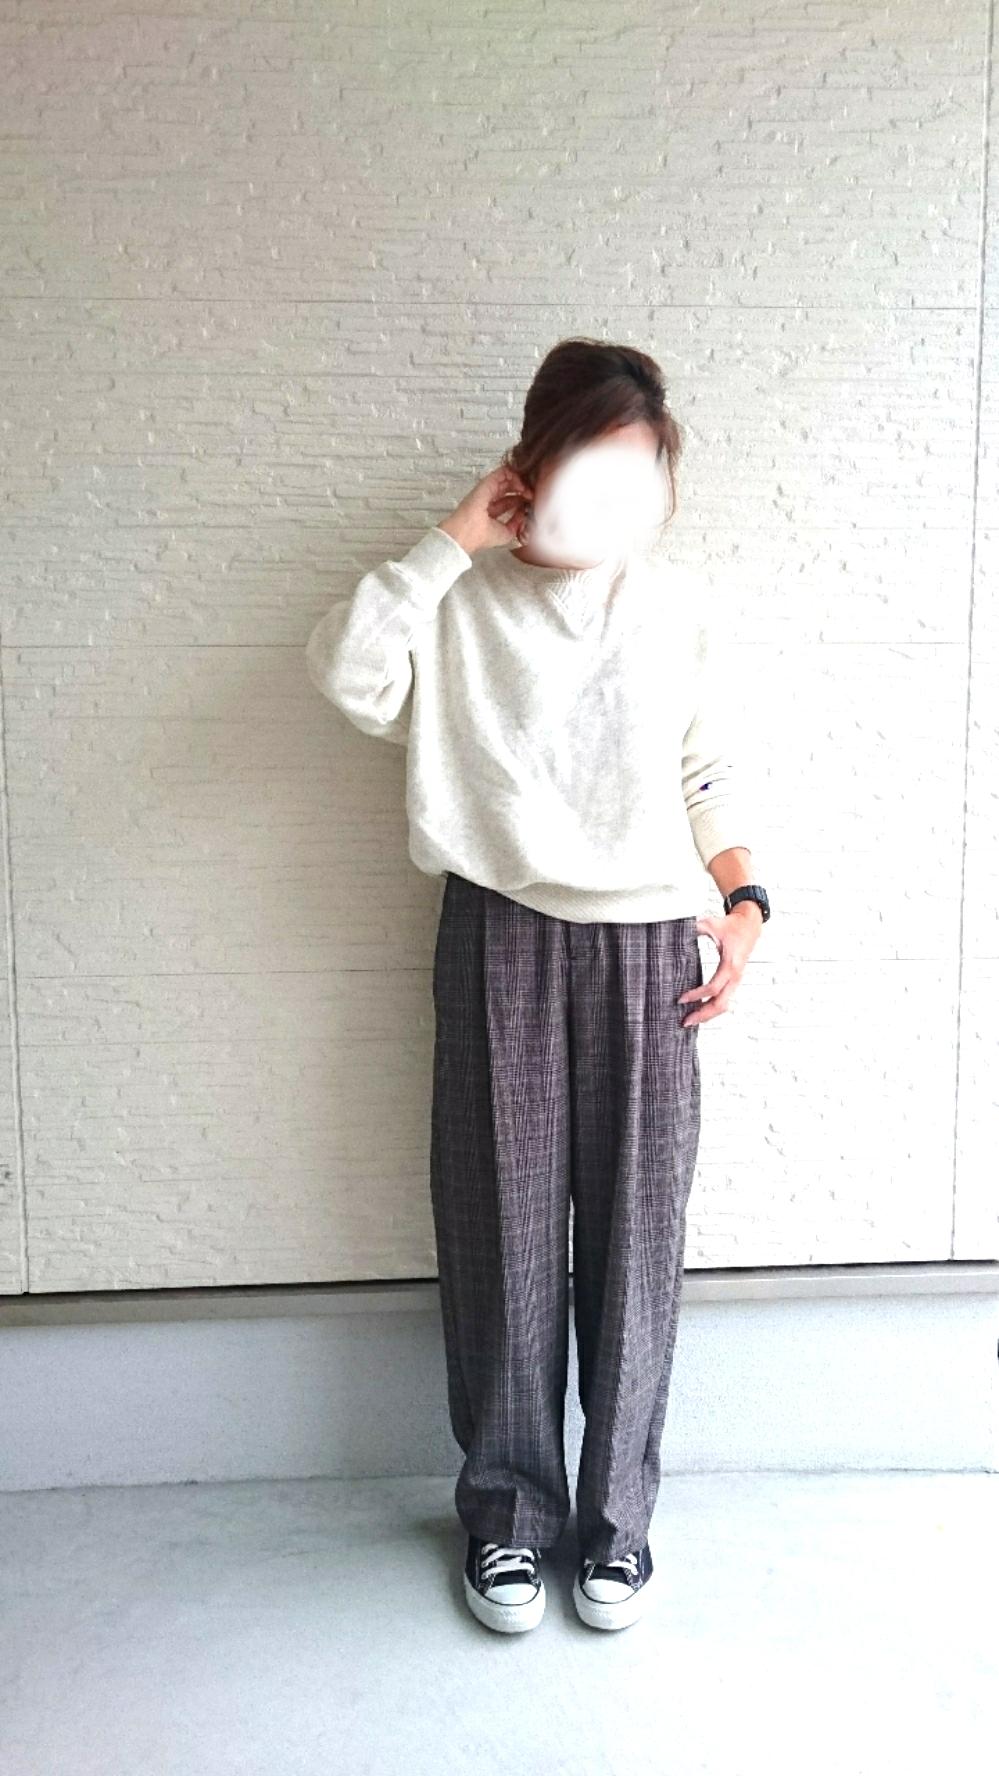 rakugaki_20171108200630123.jpg